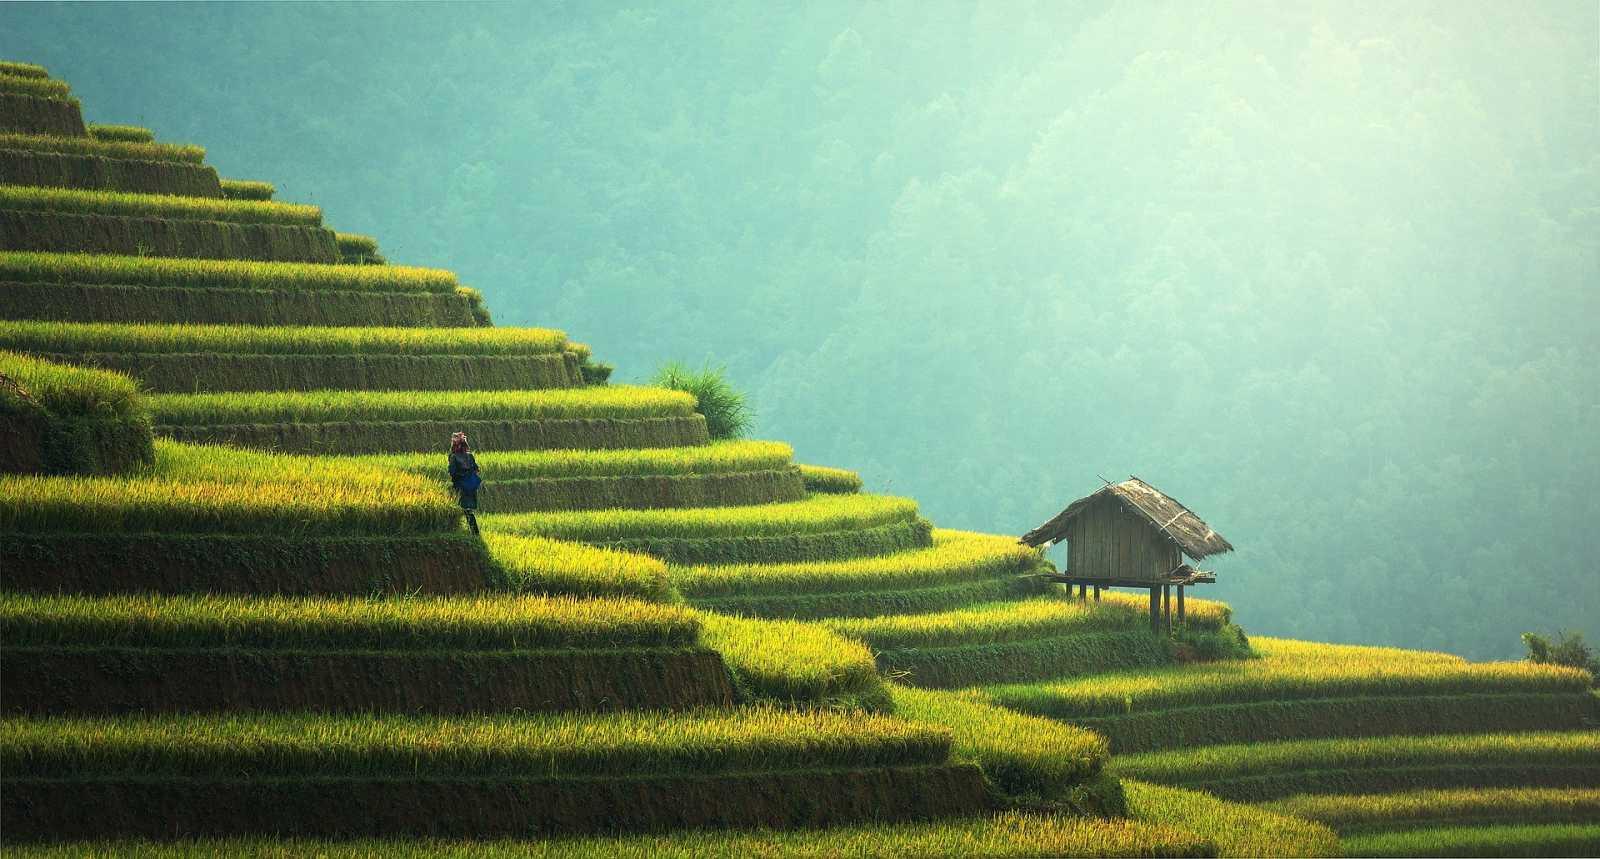 Vida verda - Emergència climàtica - Aigua, agricultura, aliments, bosc i planificació territori